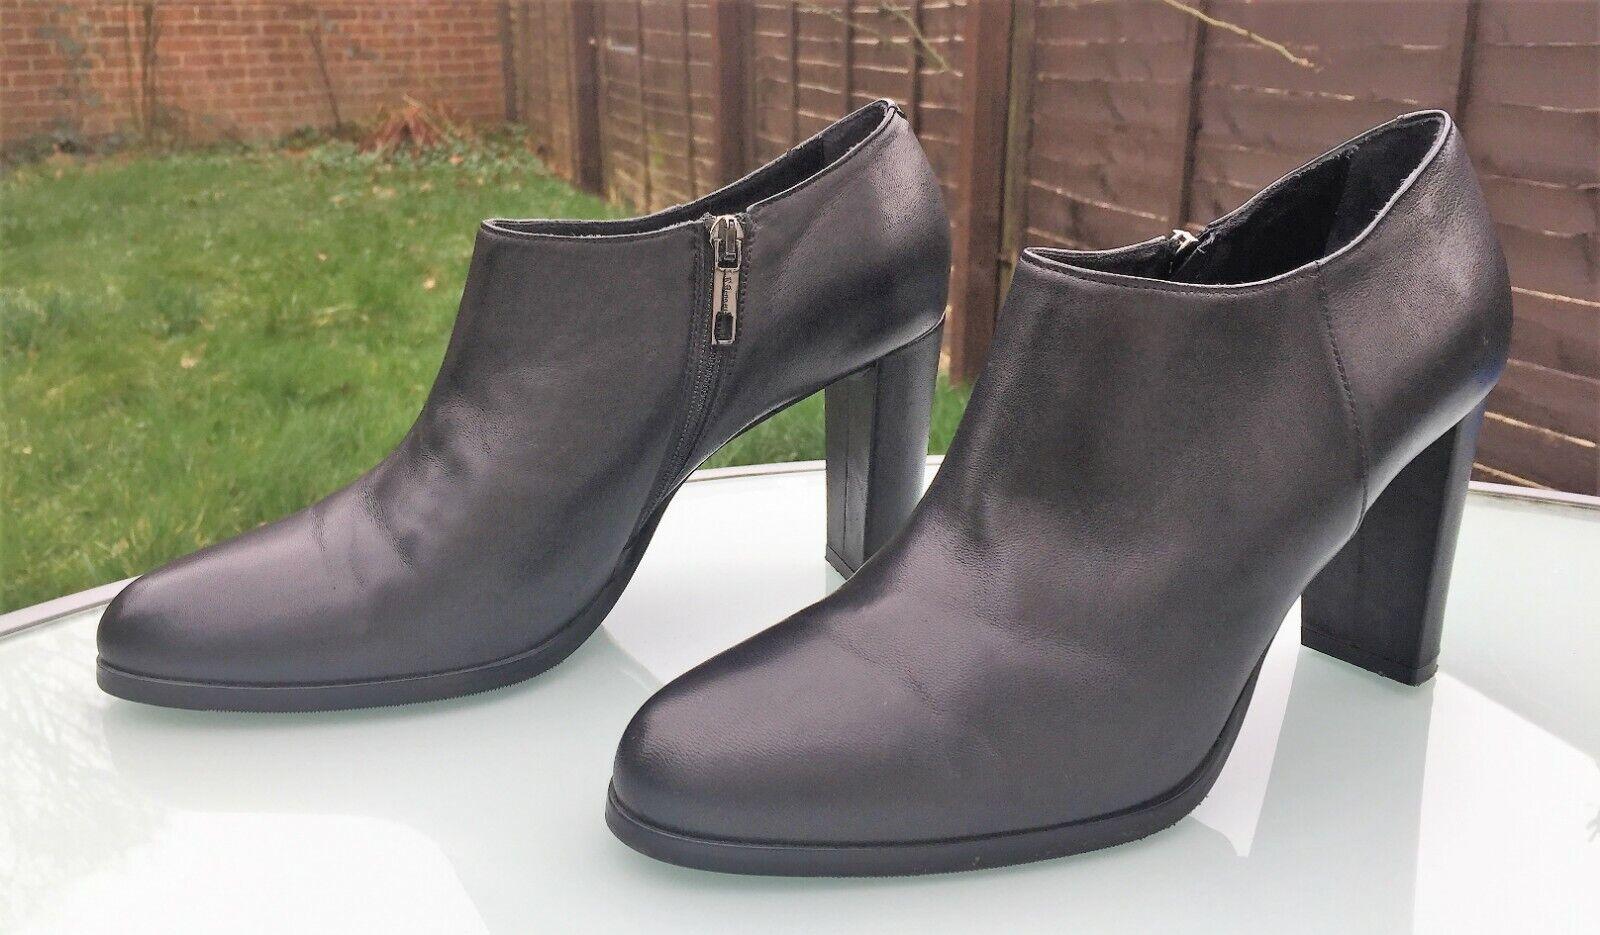 L.K. Bennett Bottines à Talon Chaussures Bottes-EU 40 UK 7-Soft Cuir Noir-Très bon état